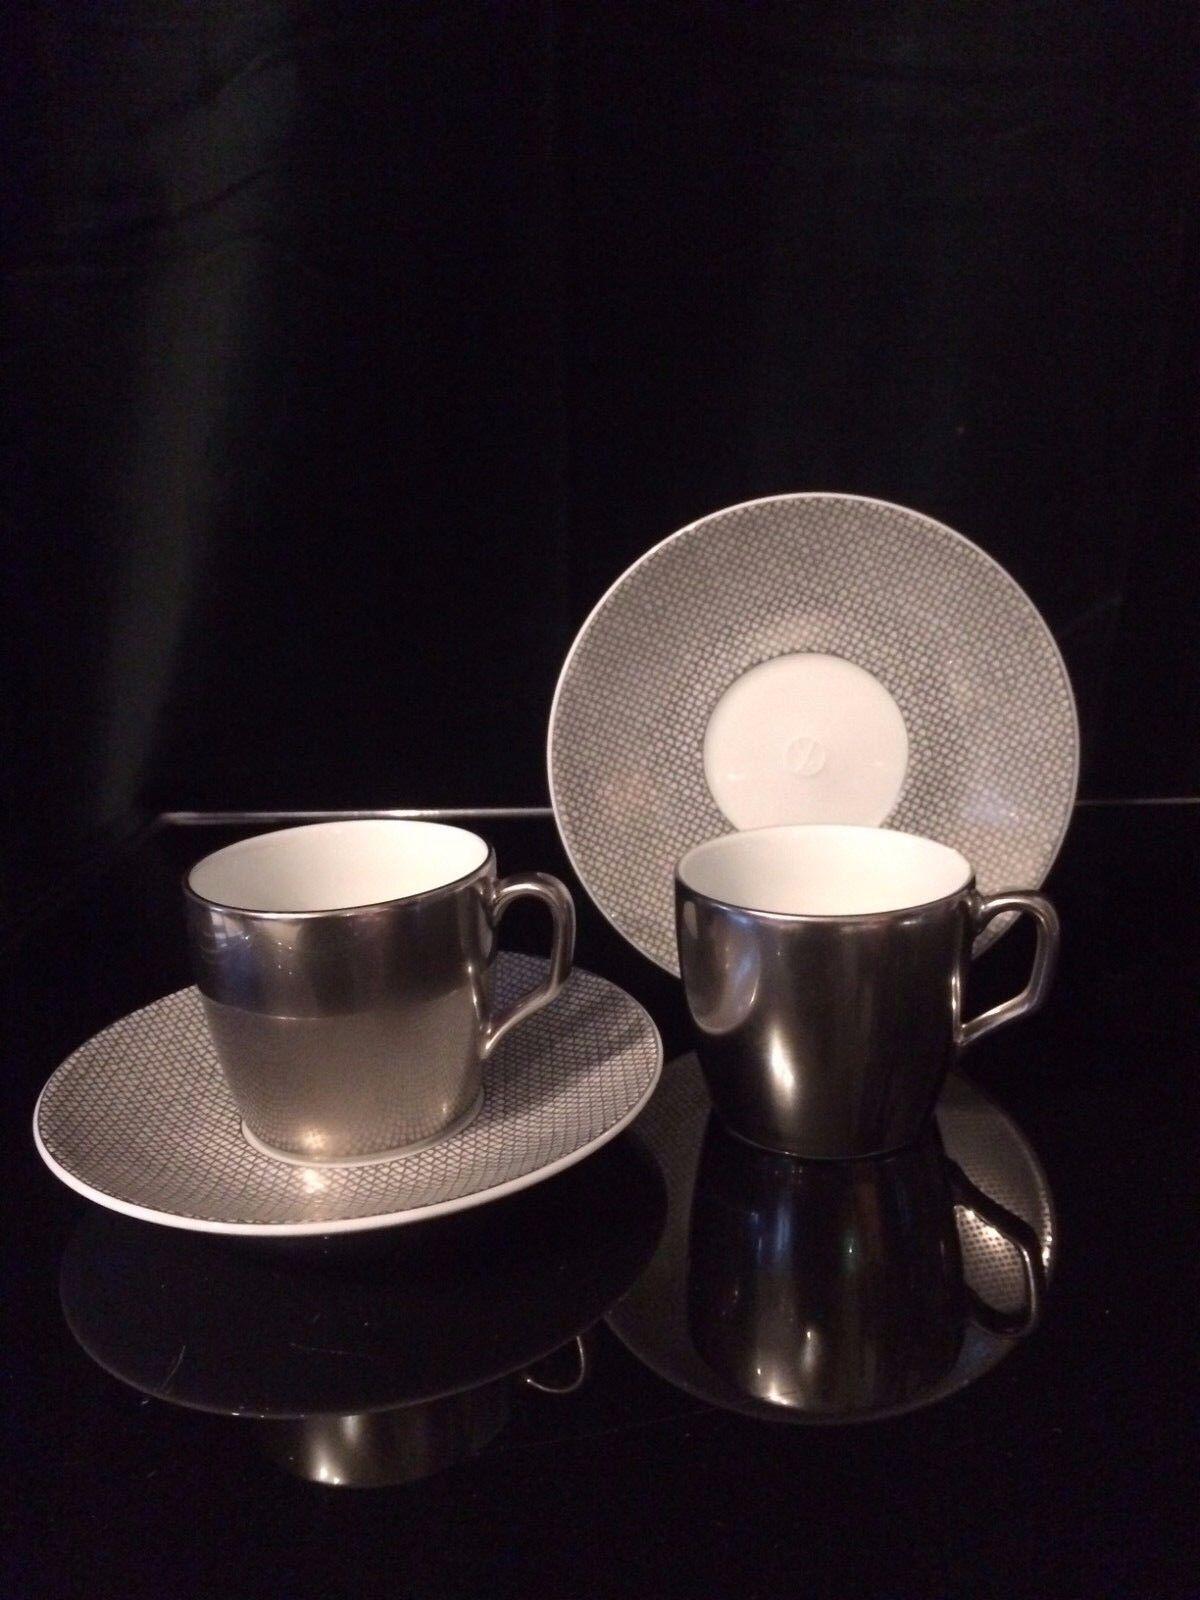 Meissen Meissen Meissen Cosmopolitan Espresso-Set Platin 2 Espressotassen inkl. Untertassen 3f7158